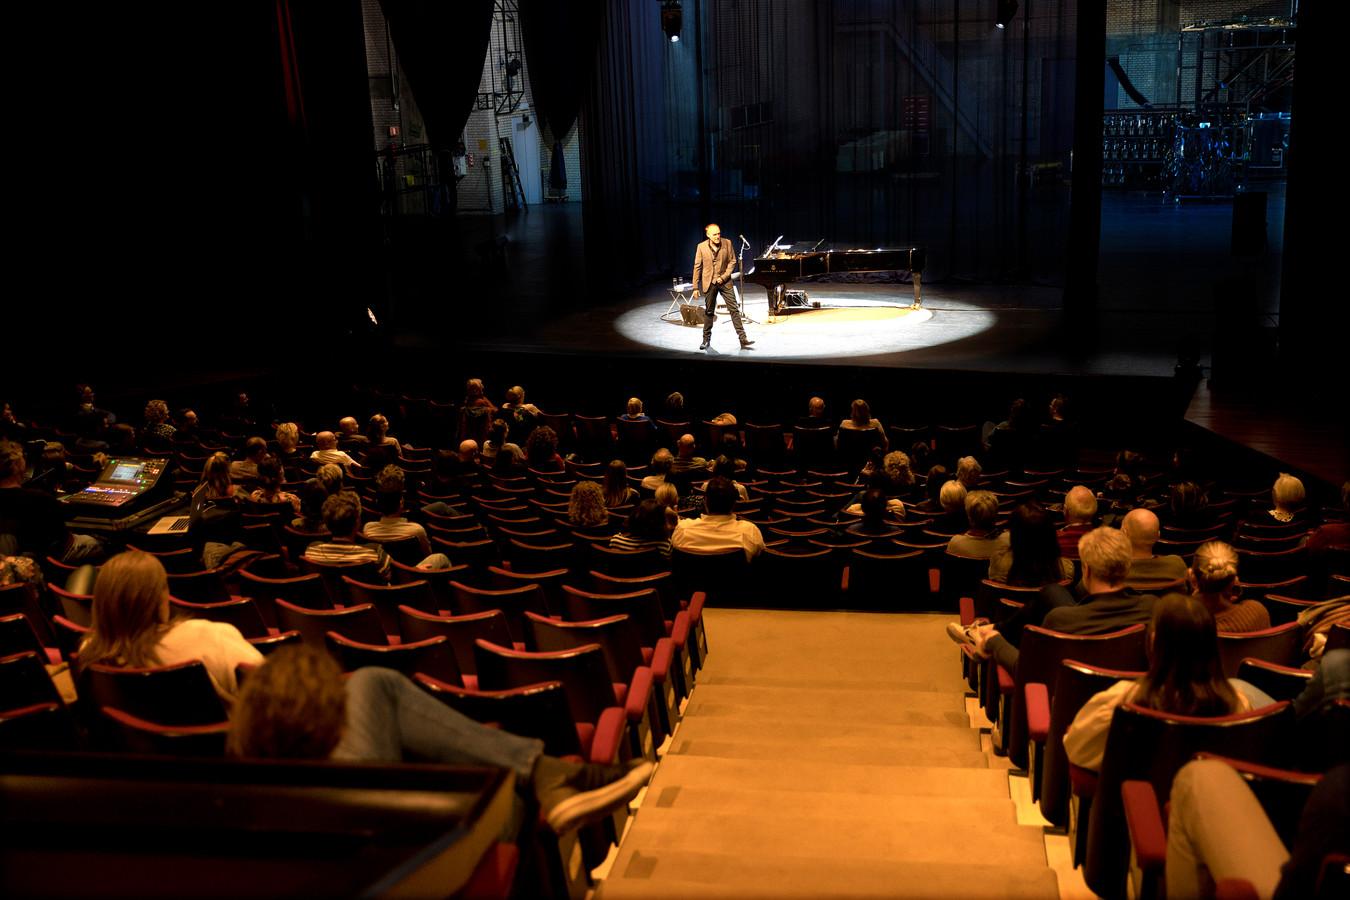 Stef Bos in het Parktheater tijdens de eerste van zijn drie testvoorstellingen. In de zaal mochten 250 mensen die van tevoren getest waren.